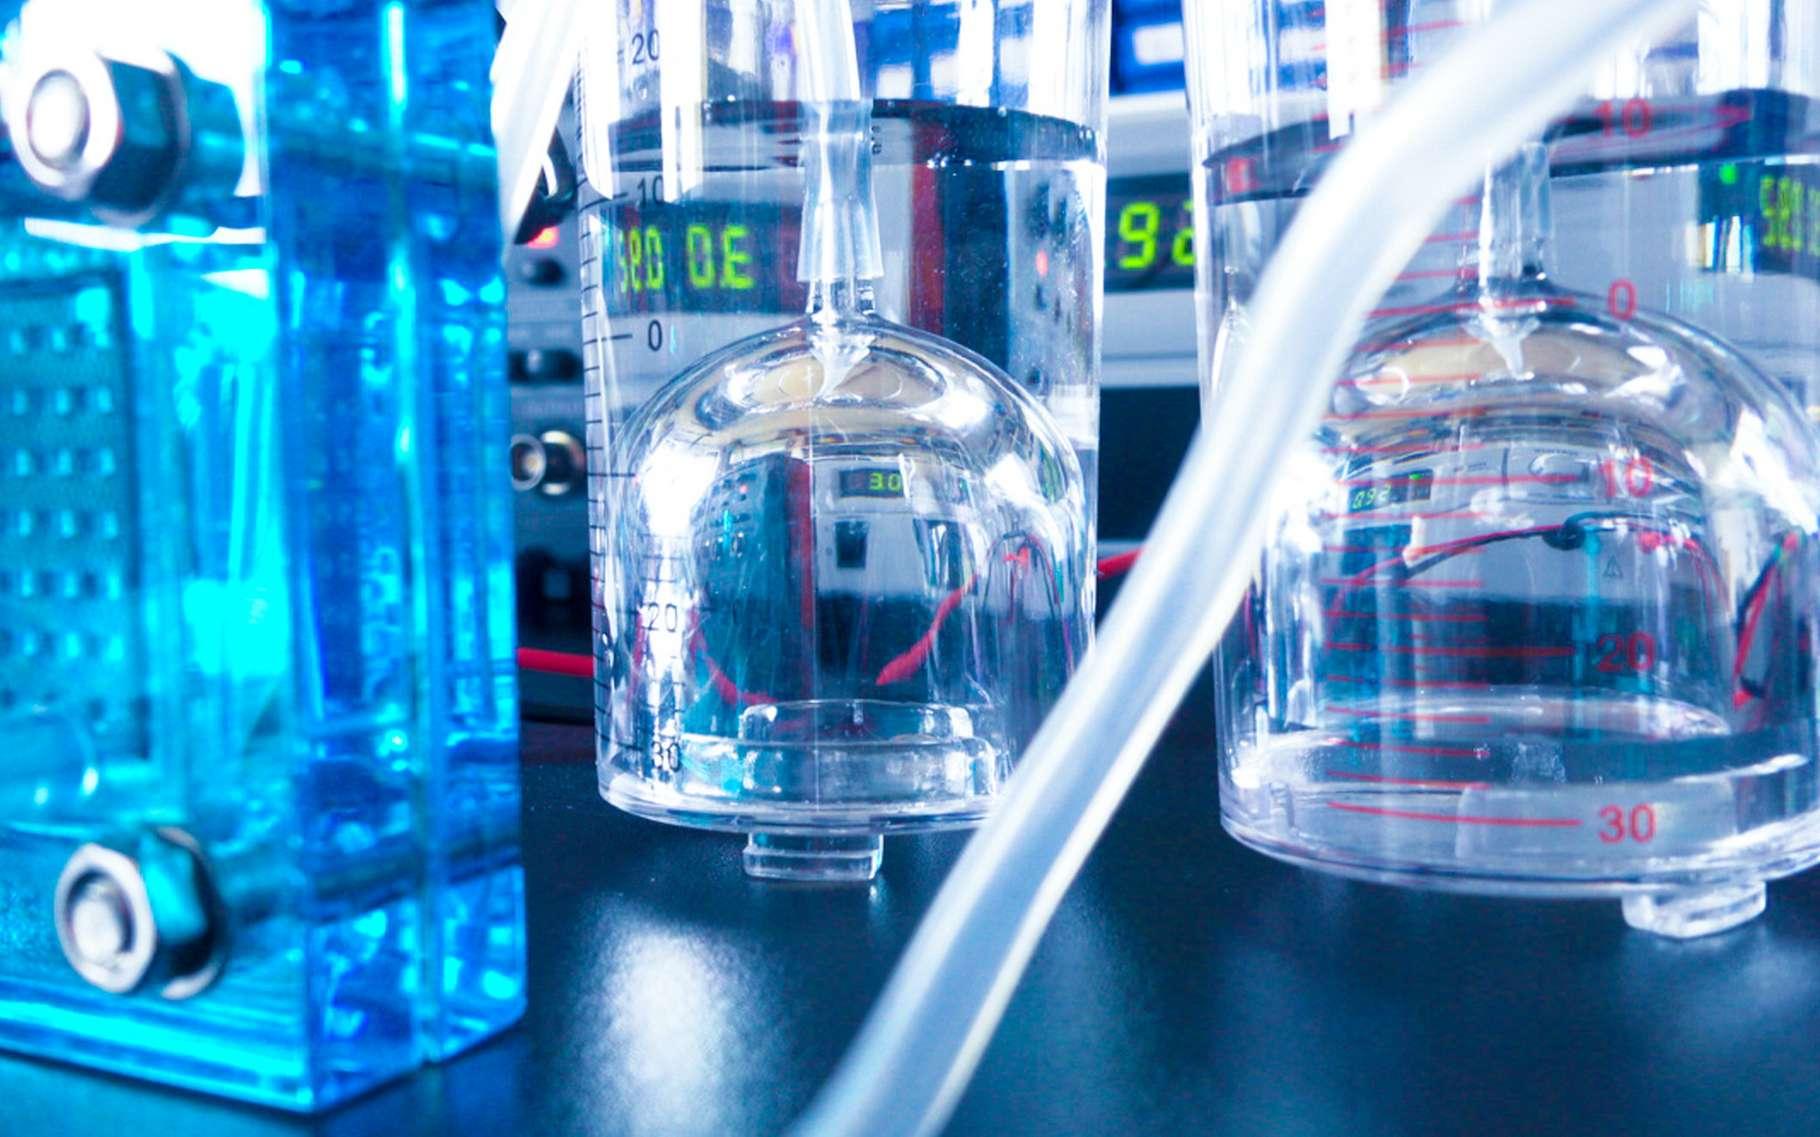 L'hydrogène peut être considéré comme une énergie propre à condition que sa production le soit grâce à une électrolyse de l'eau réalisée à partir d'électricité renouvelable, par exemple. © science photo, Adobe Stock